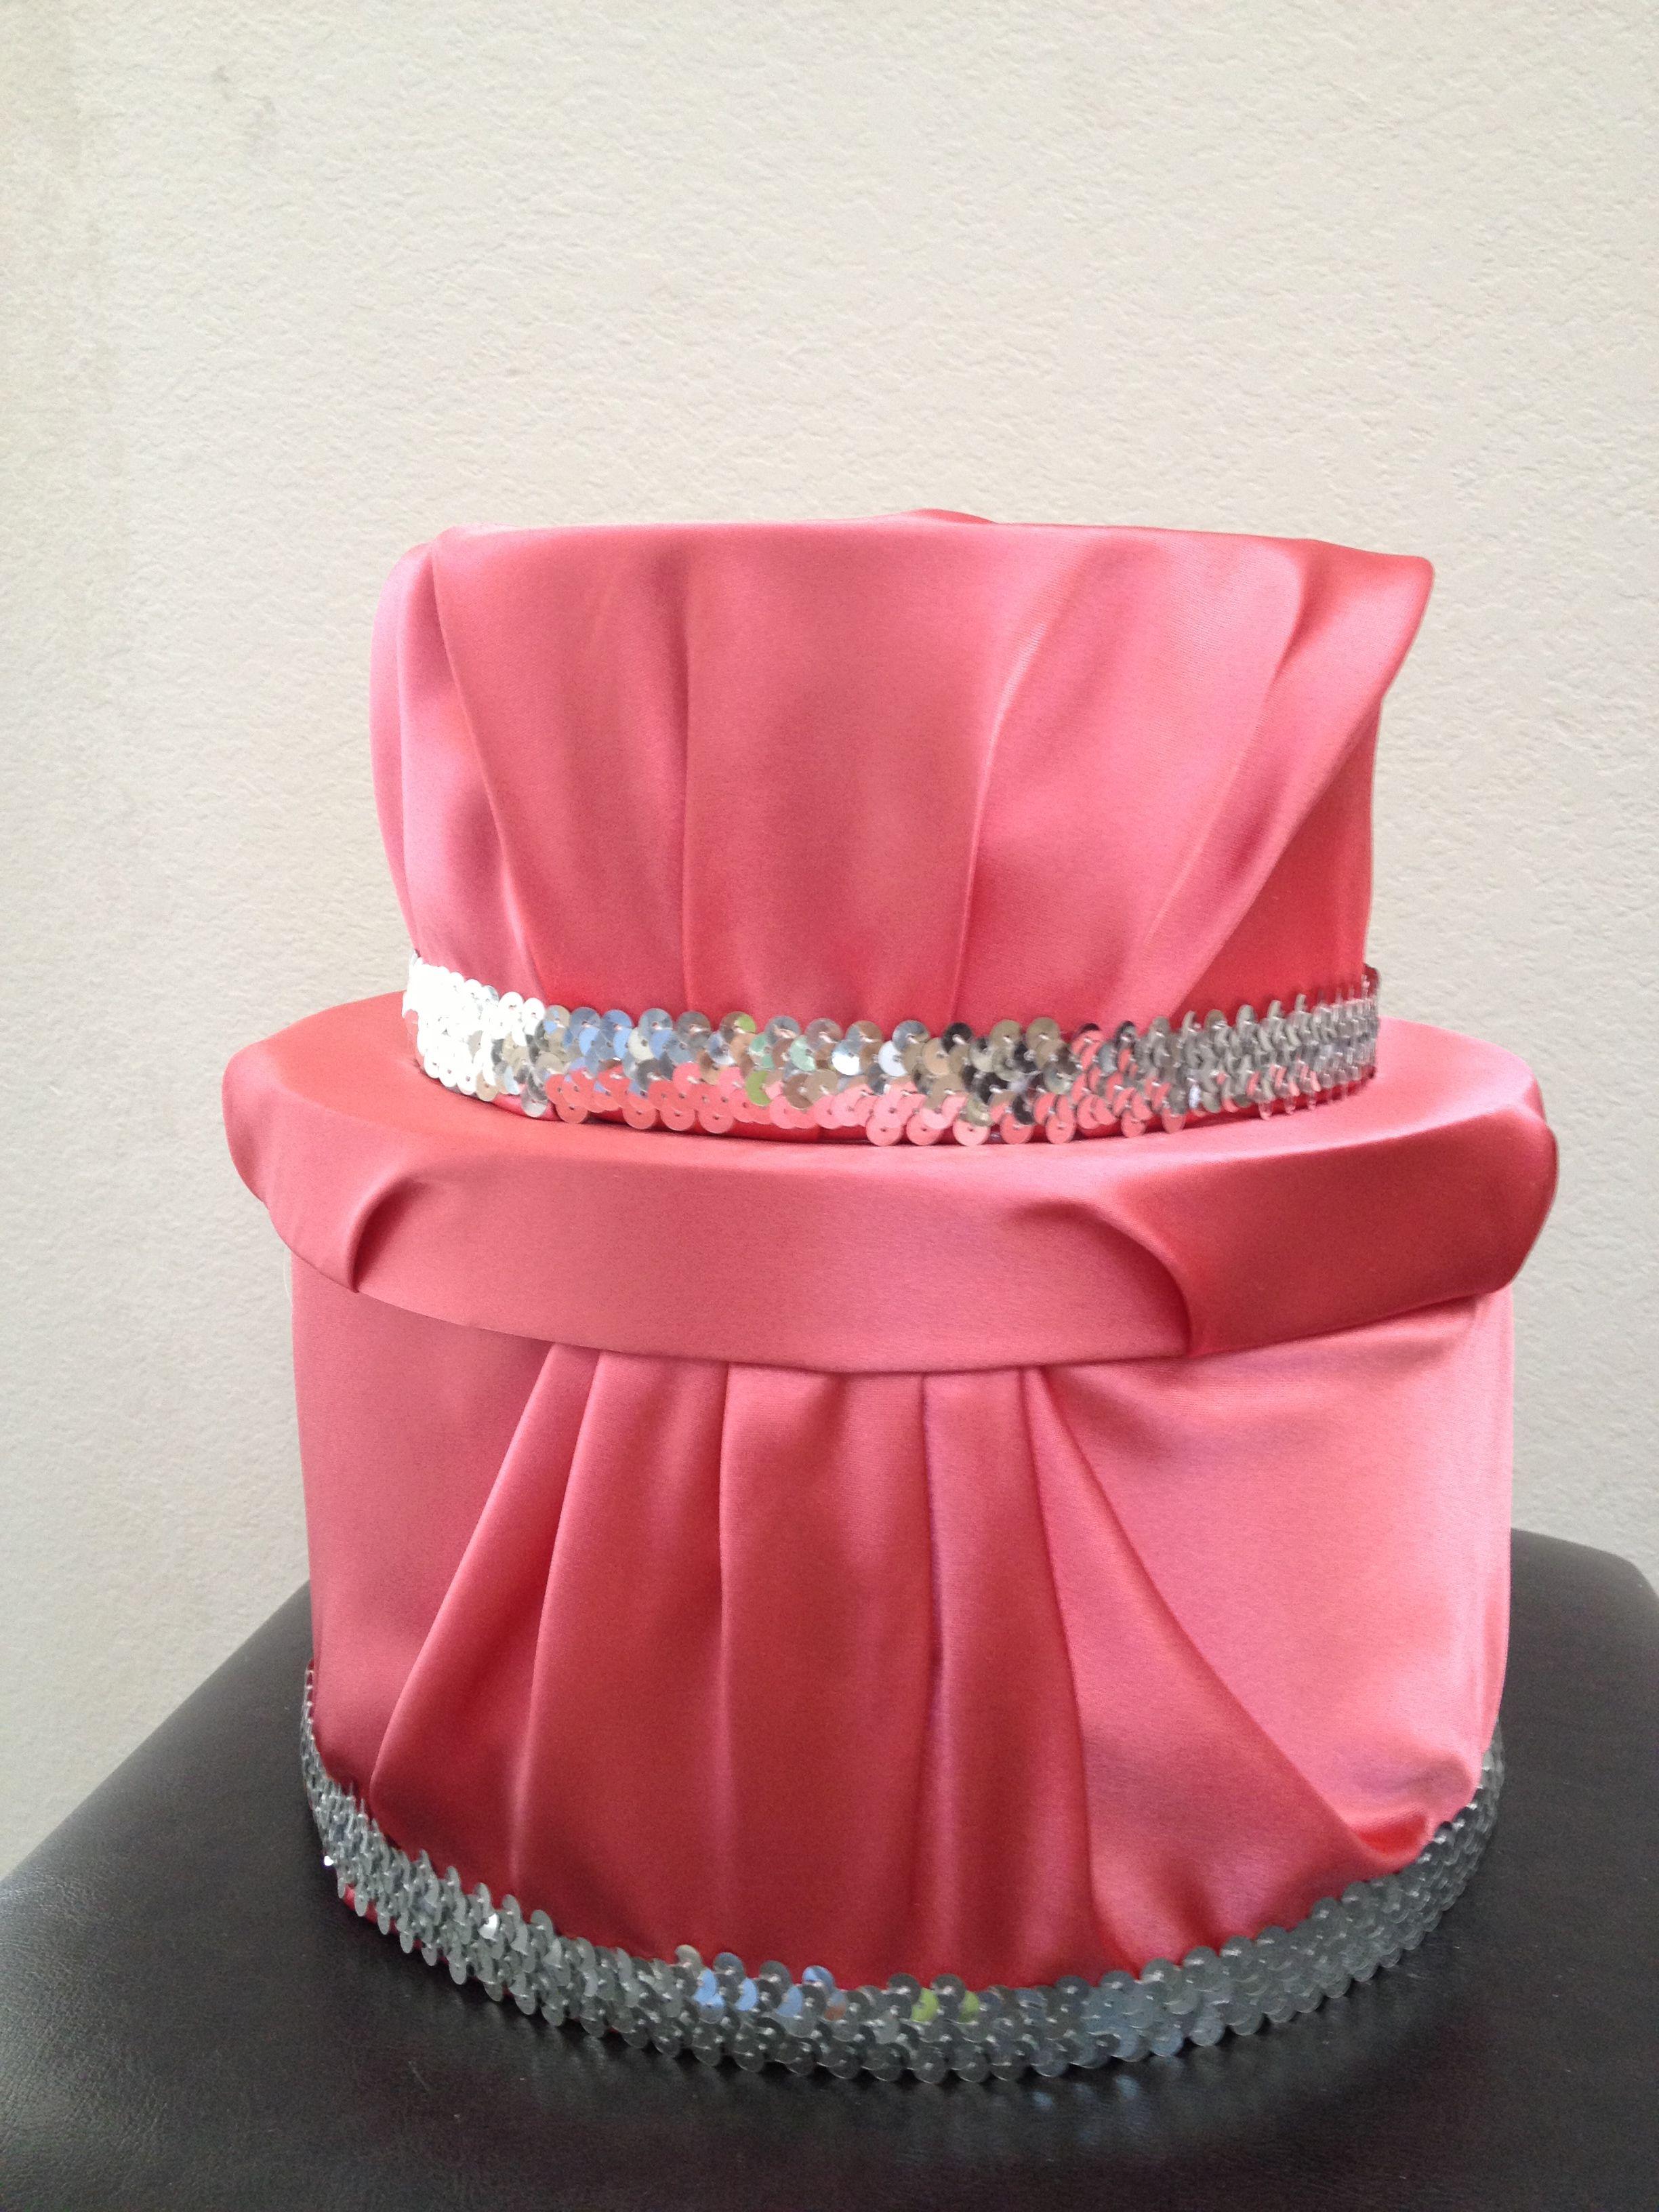 DIY gift card box for wedding or bridal shower | Wedding Ideas ...